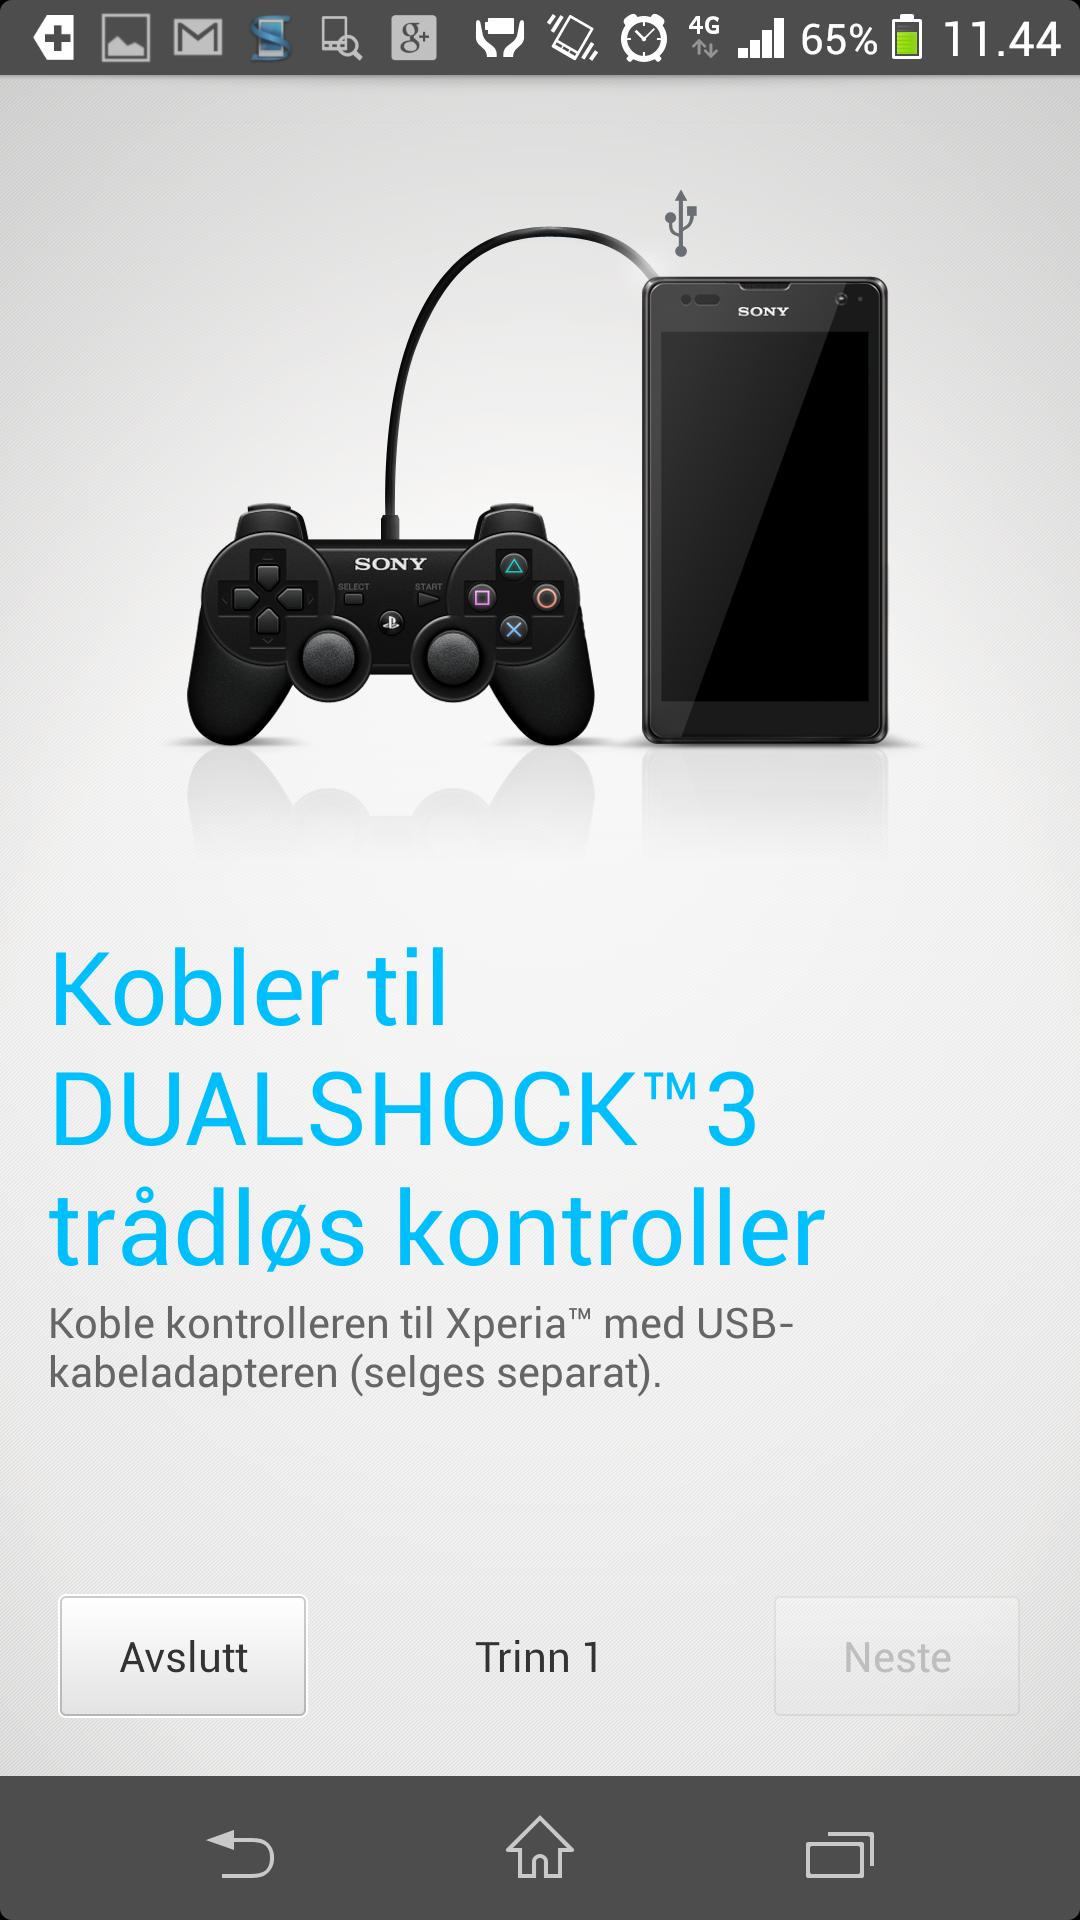 Du kan bruke PlayStation-kontrollene dine med spillene på Xperia Z. Du kan også overføre bildet til en TV, og bruke mobilen som spillkonsoll.